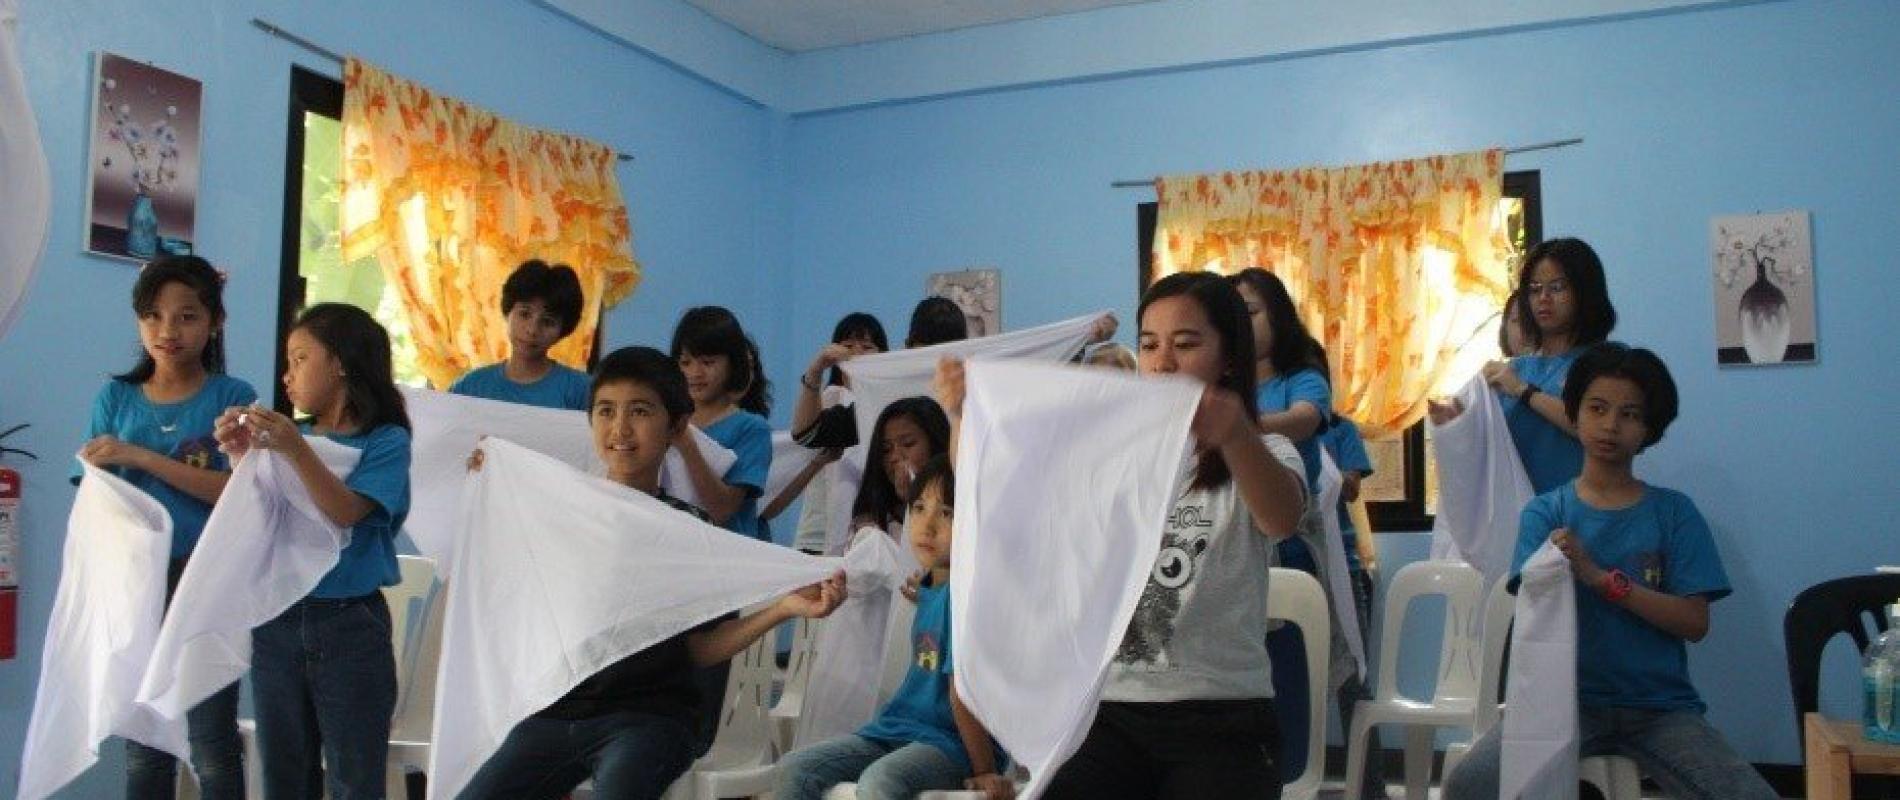 Tijdens de EHBO training leerden de kinderen een mitella omdoen.